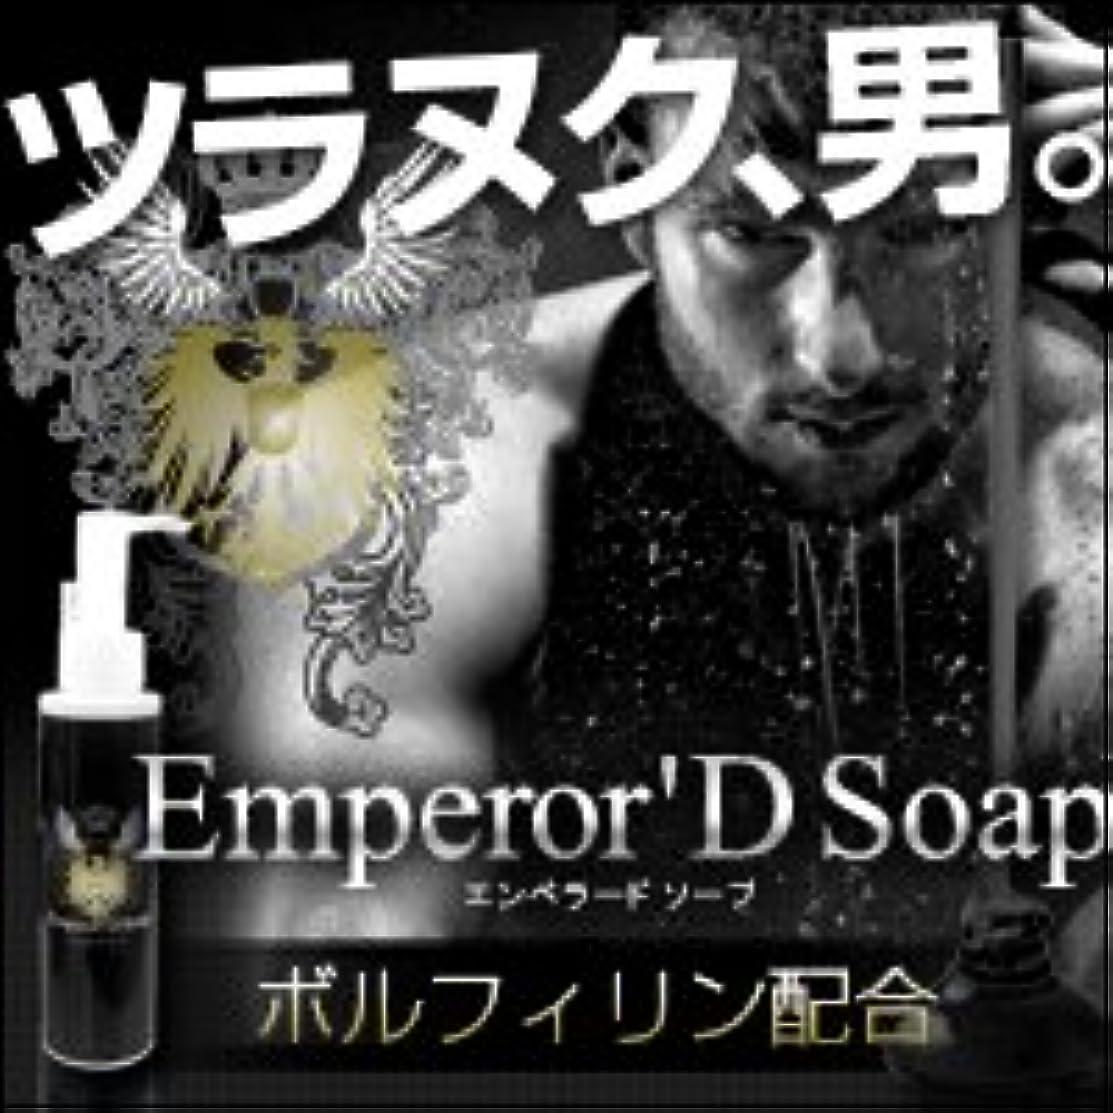 技術的な同僚こねる【Emperor'D Soap(エンペラードソープ)】ツラヌク男になる!!!